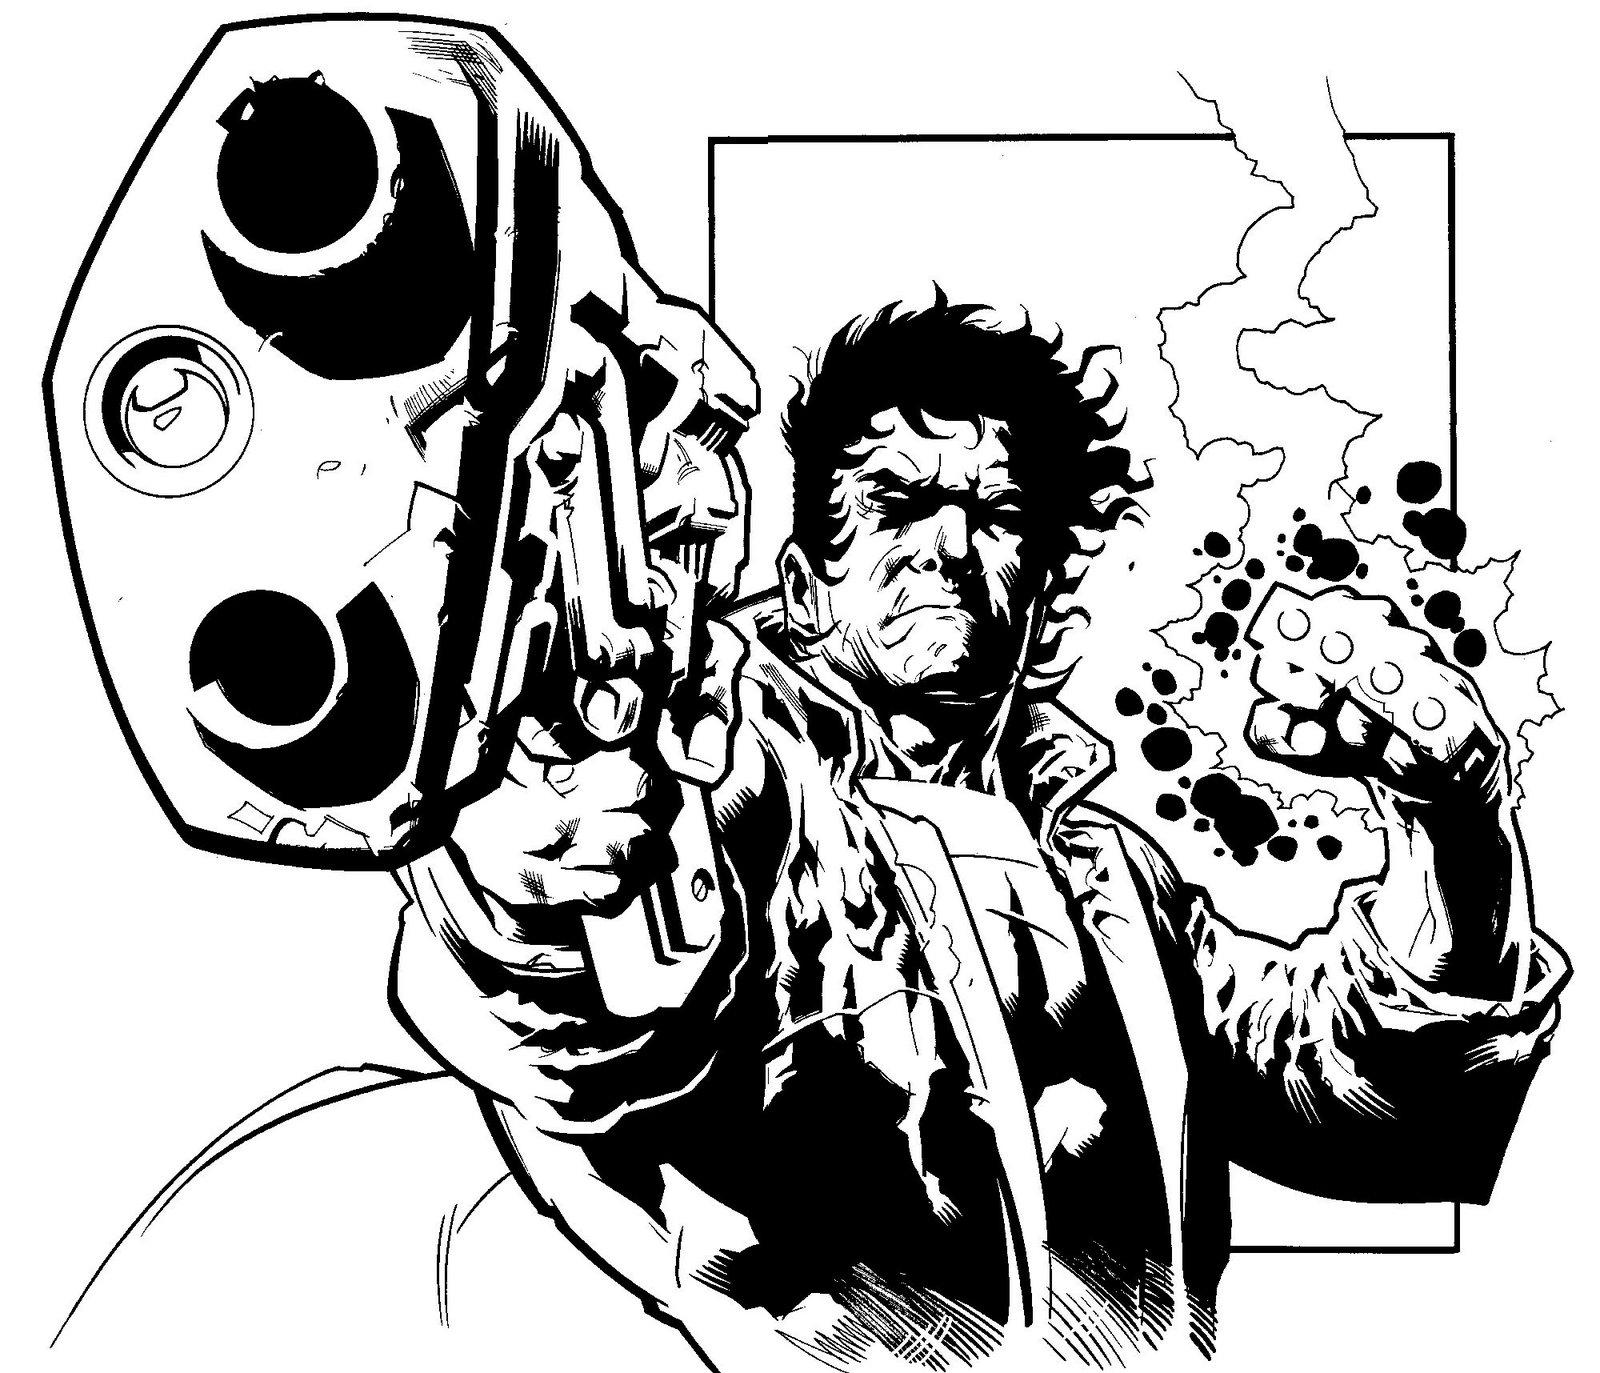 Art Of Comics And Manga: The Comics Bureau